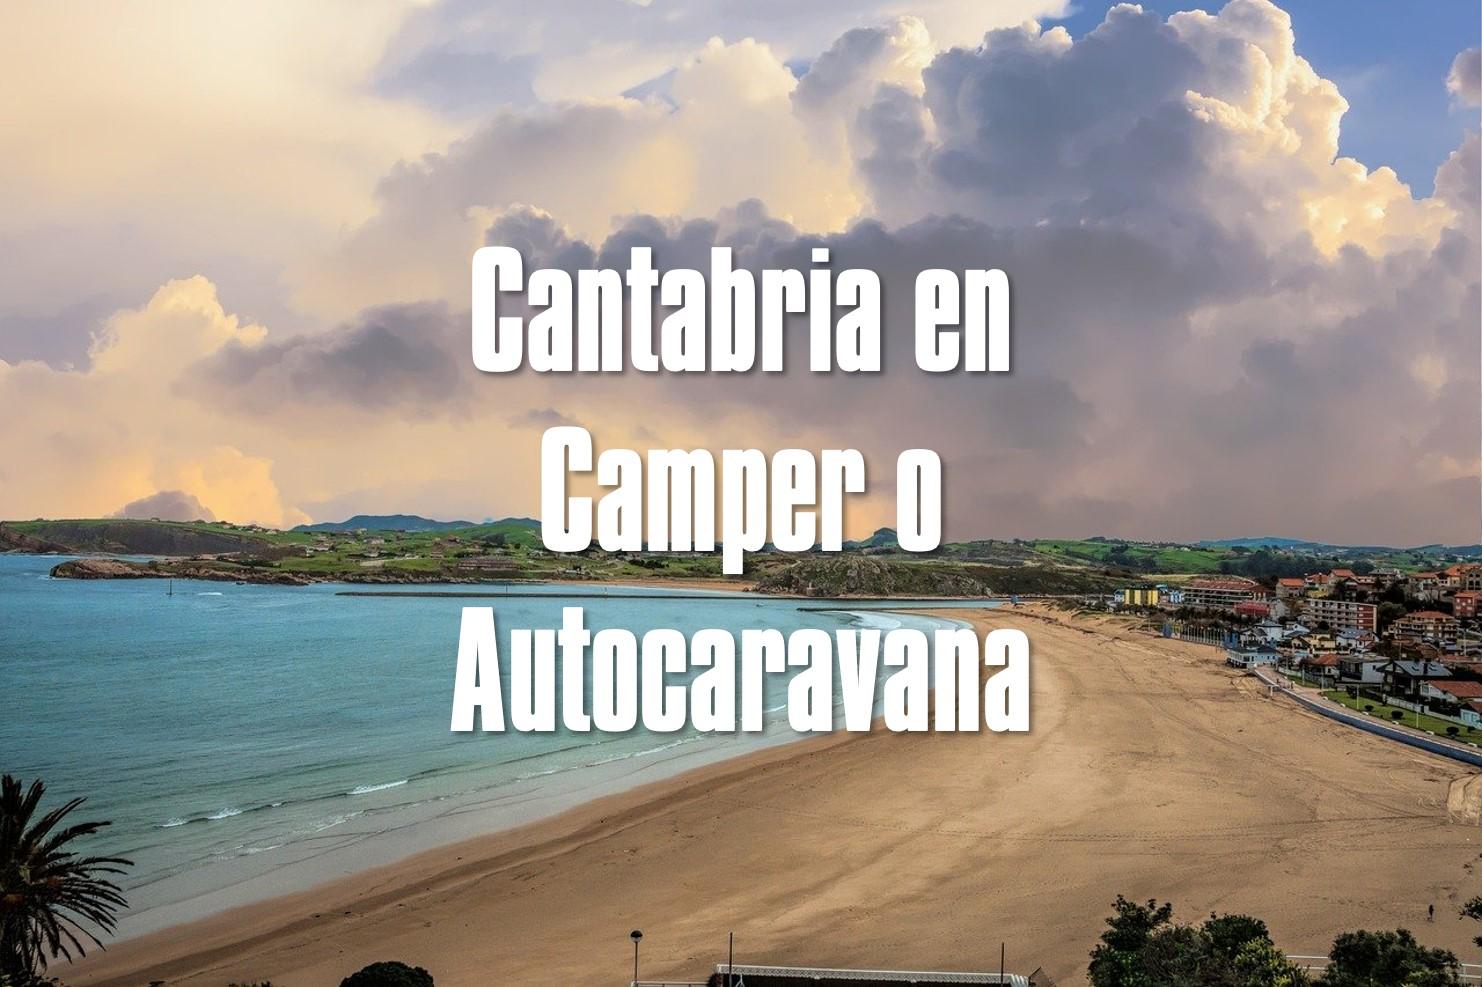 Cantabria en Camper o Autocaravana